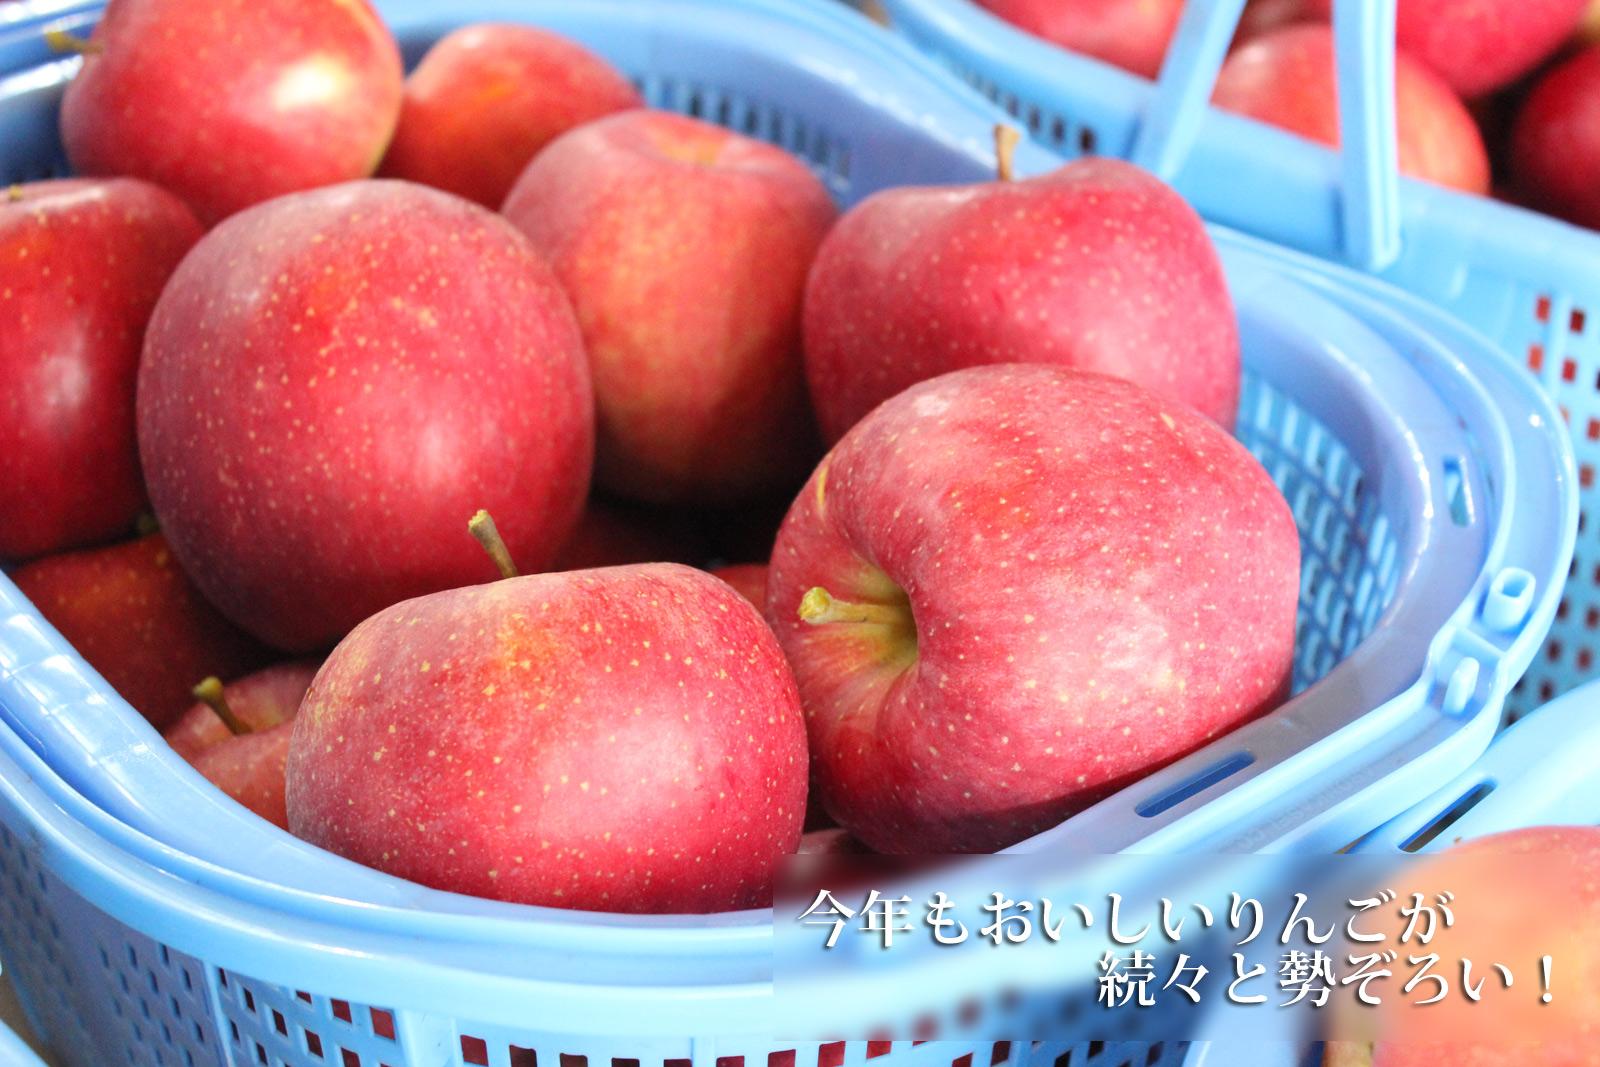 今年もおいしいりんごが続々と勢ぞろい!